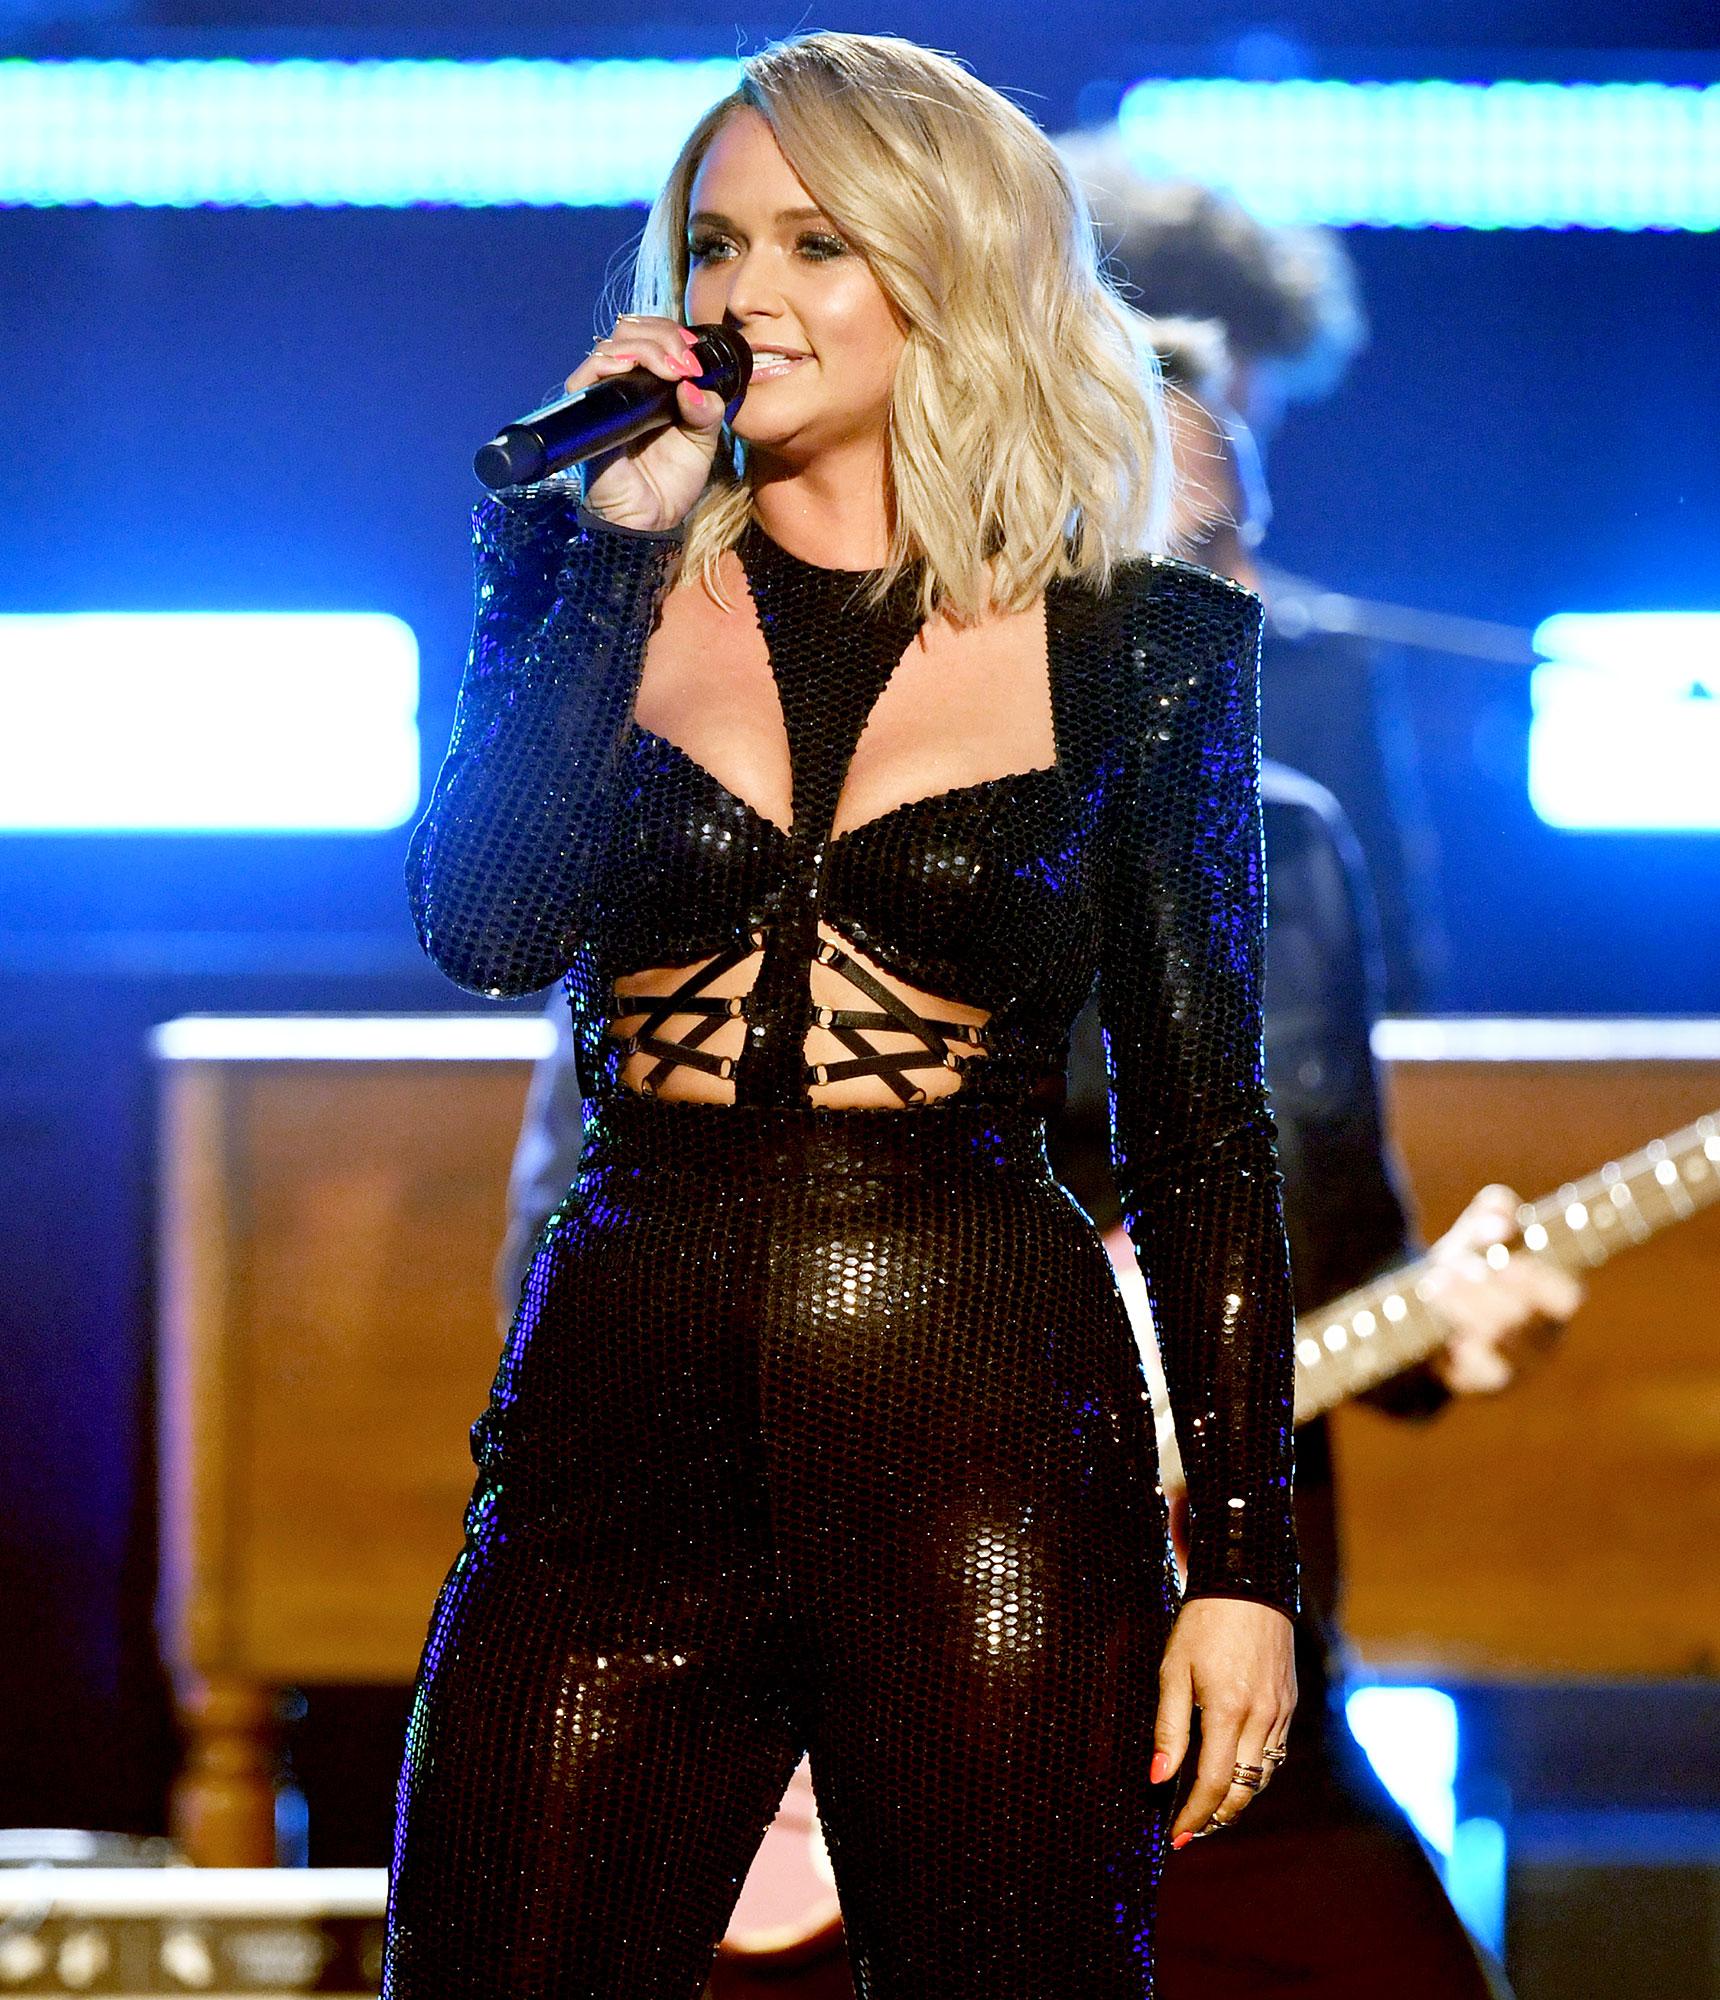 Miranda Lambert Performs ACM Awards 2019